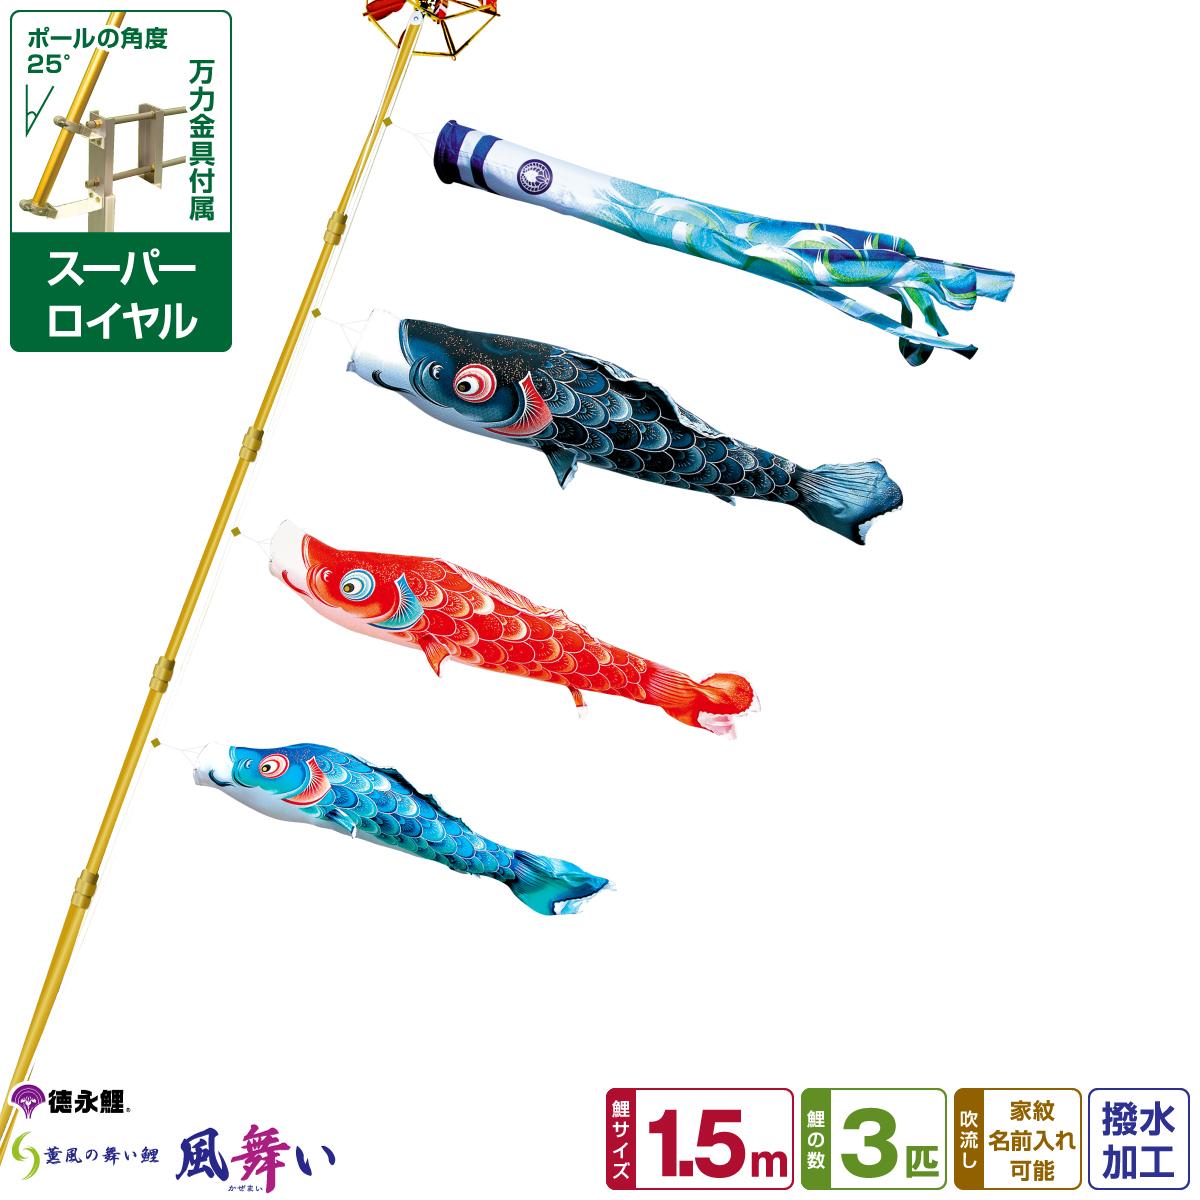 徳永鯉のぼり 風舞い鯉 1.5m 6点セット ベランダ用スーパーロイヤルセット 2020年初節句 端午の節句 こどもの日 こいのぼり